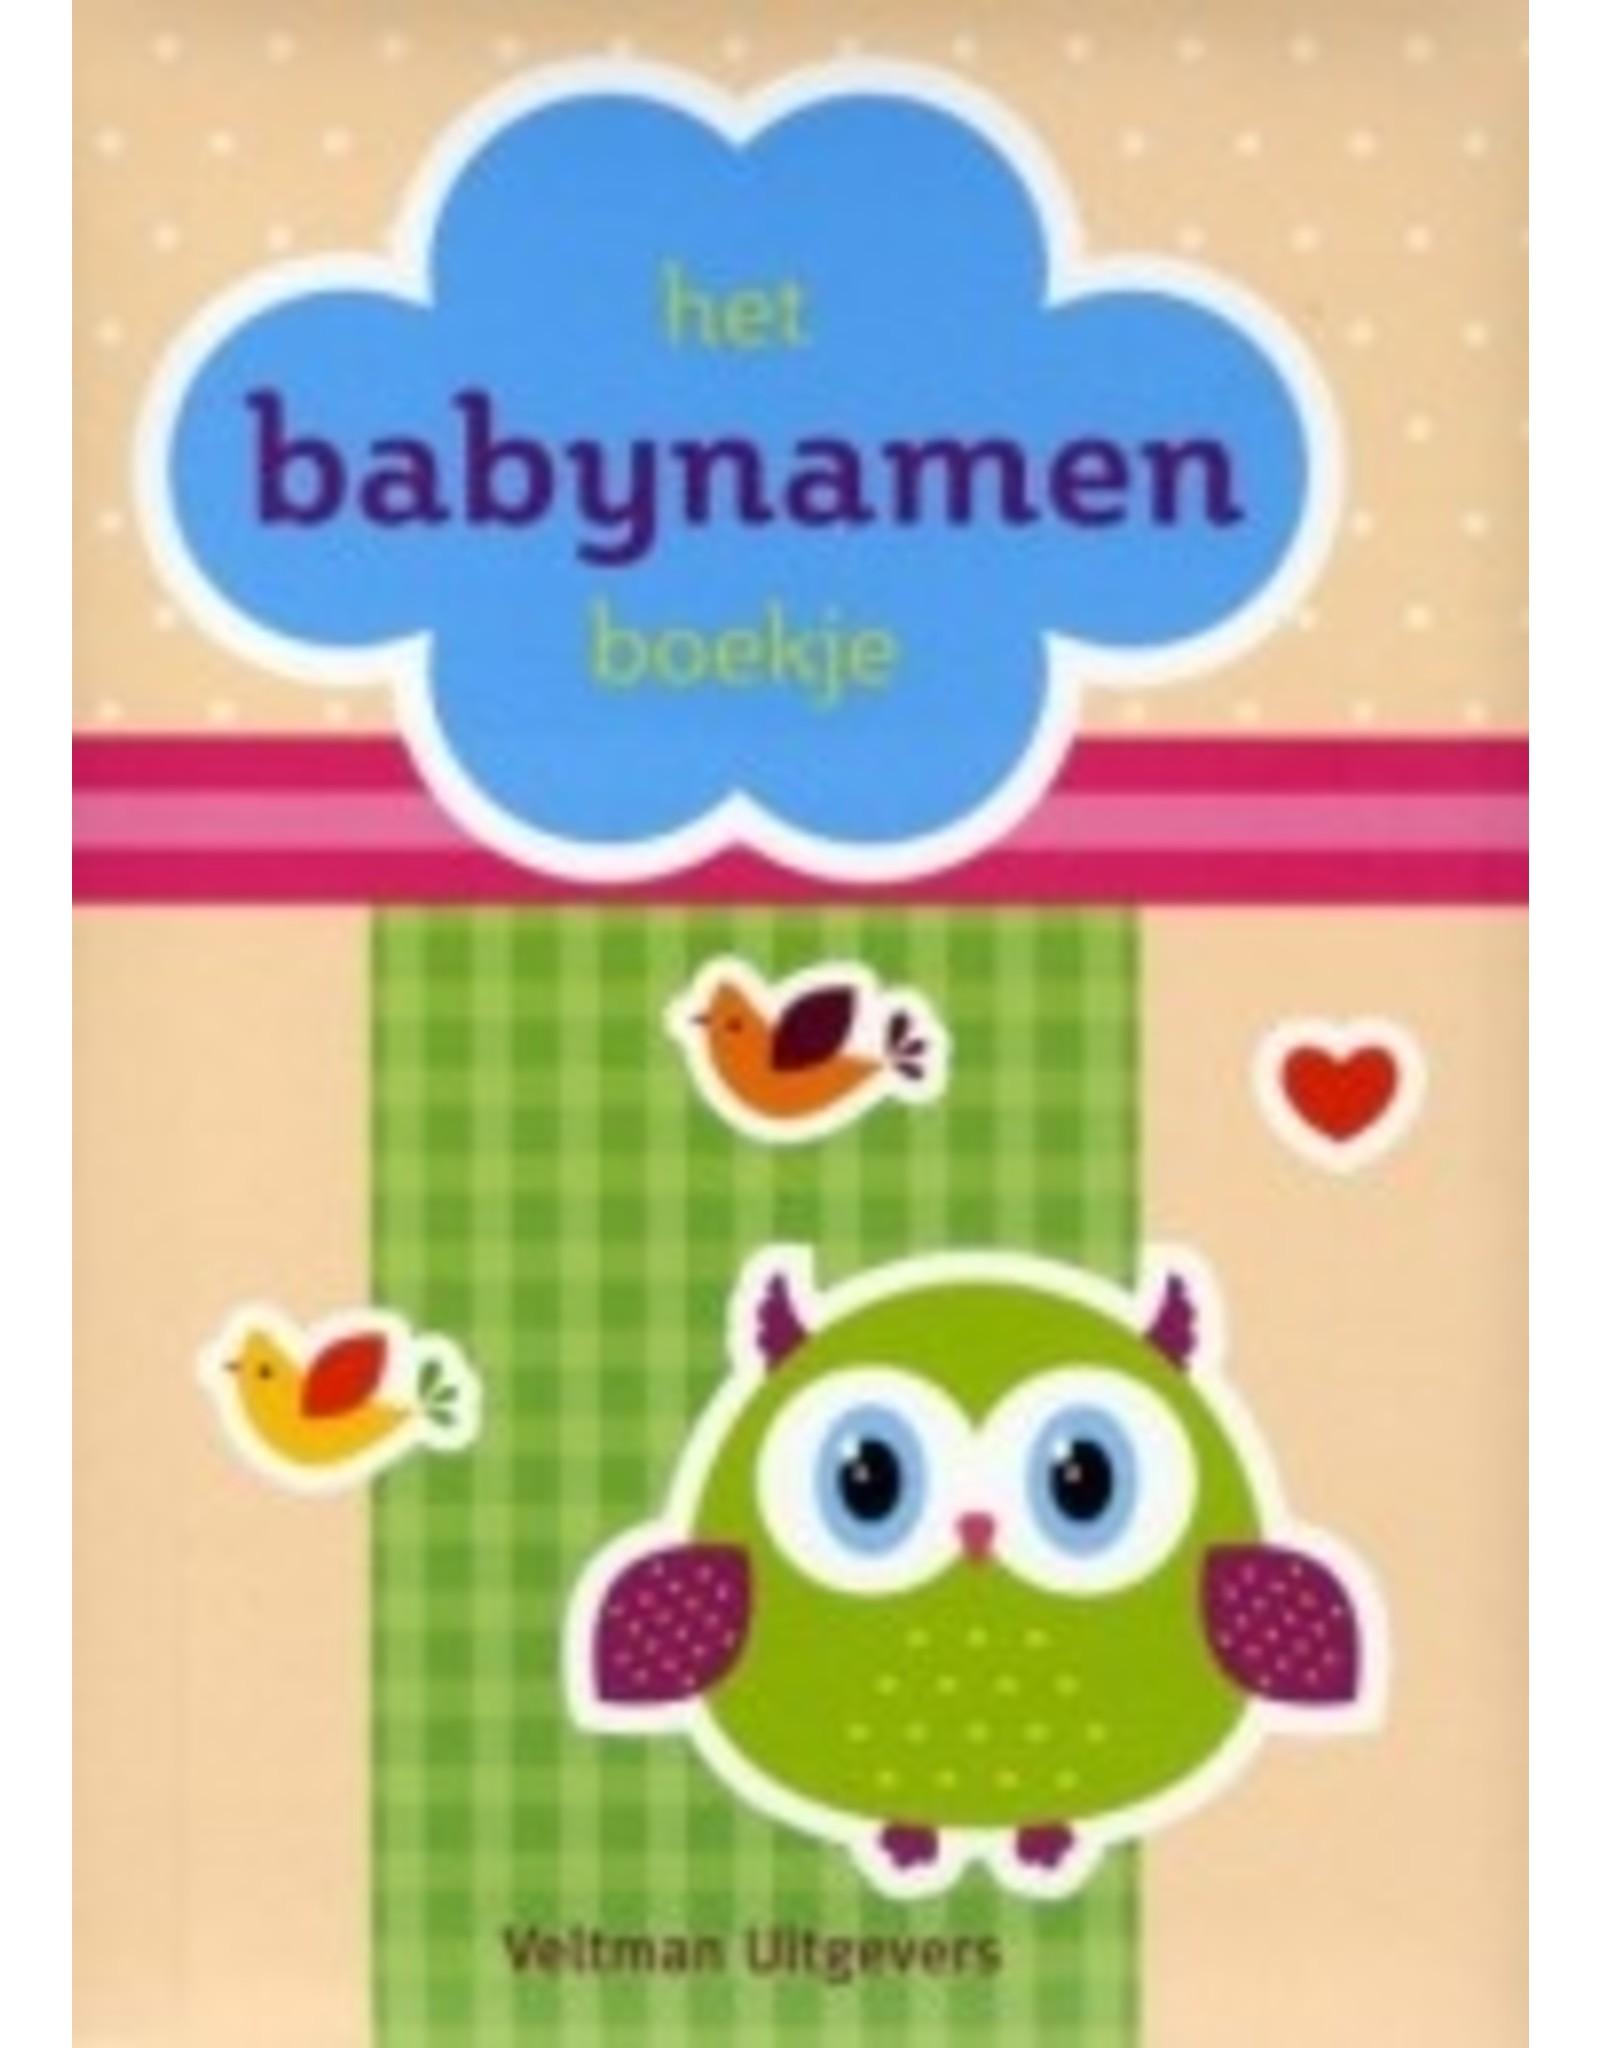 Boekje Babynamen